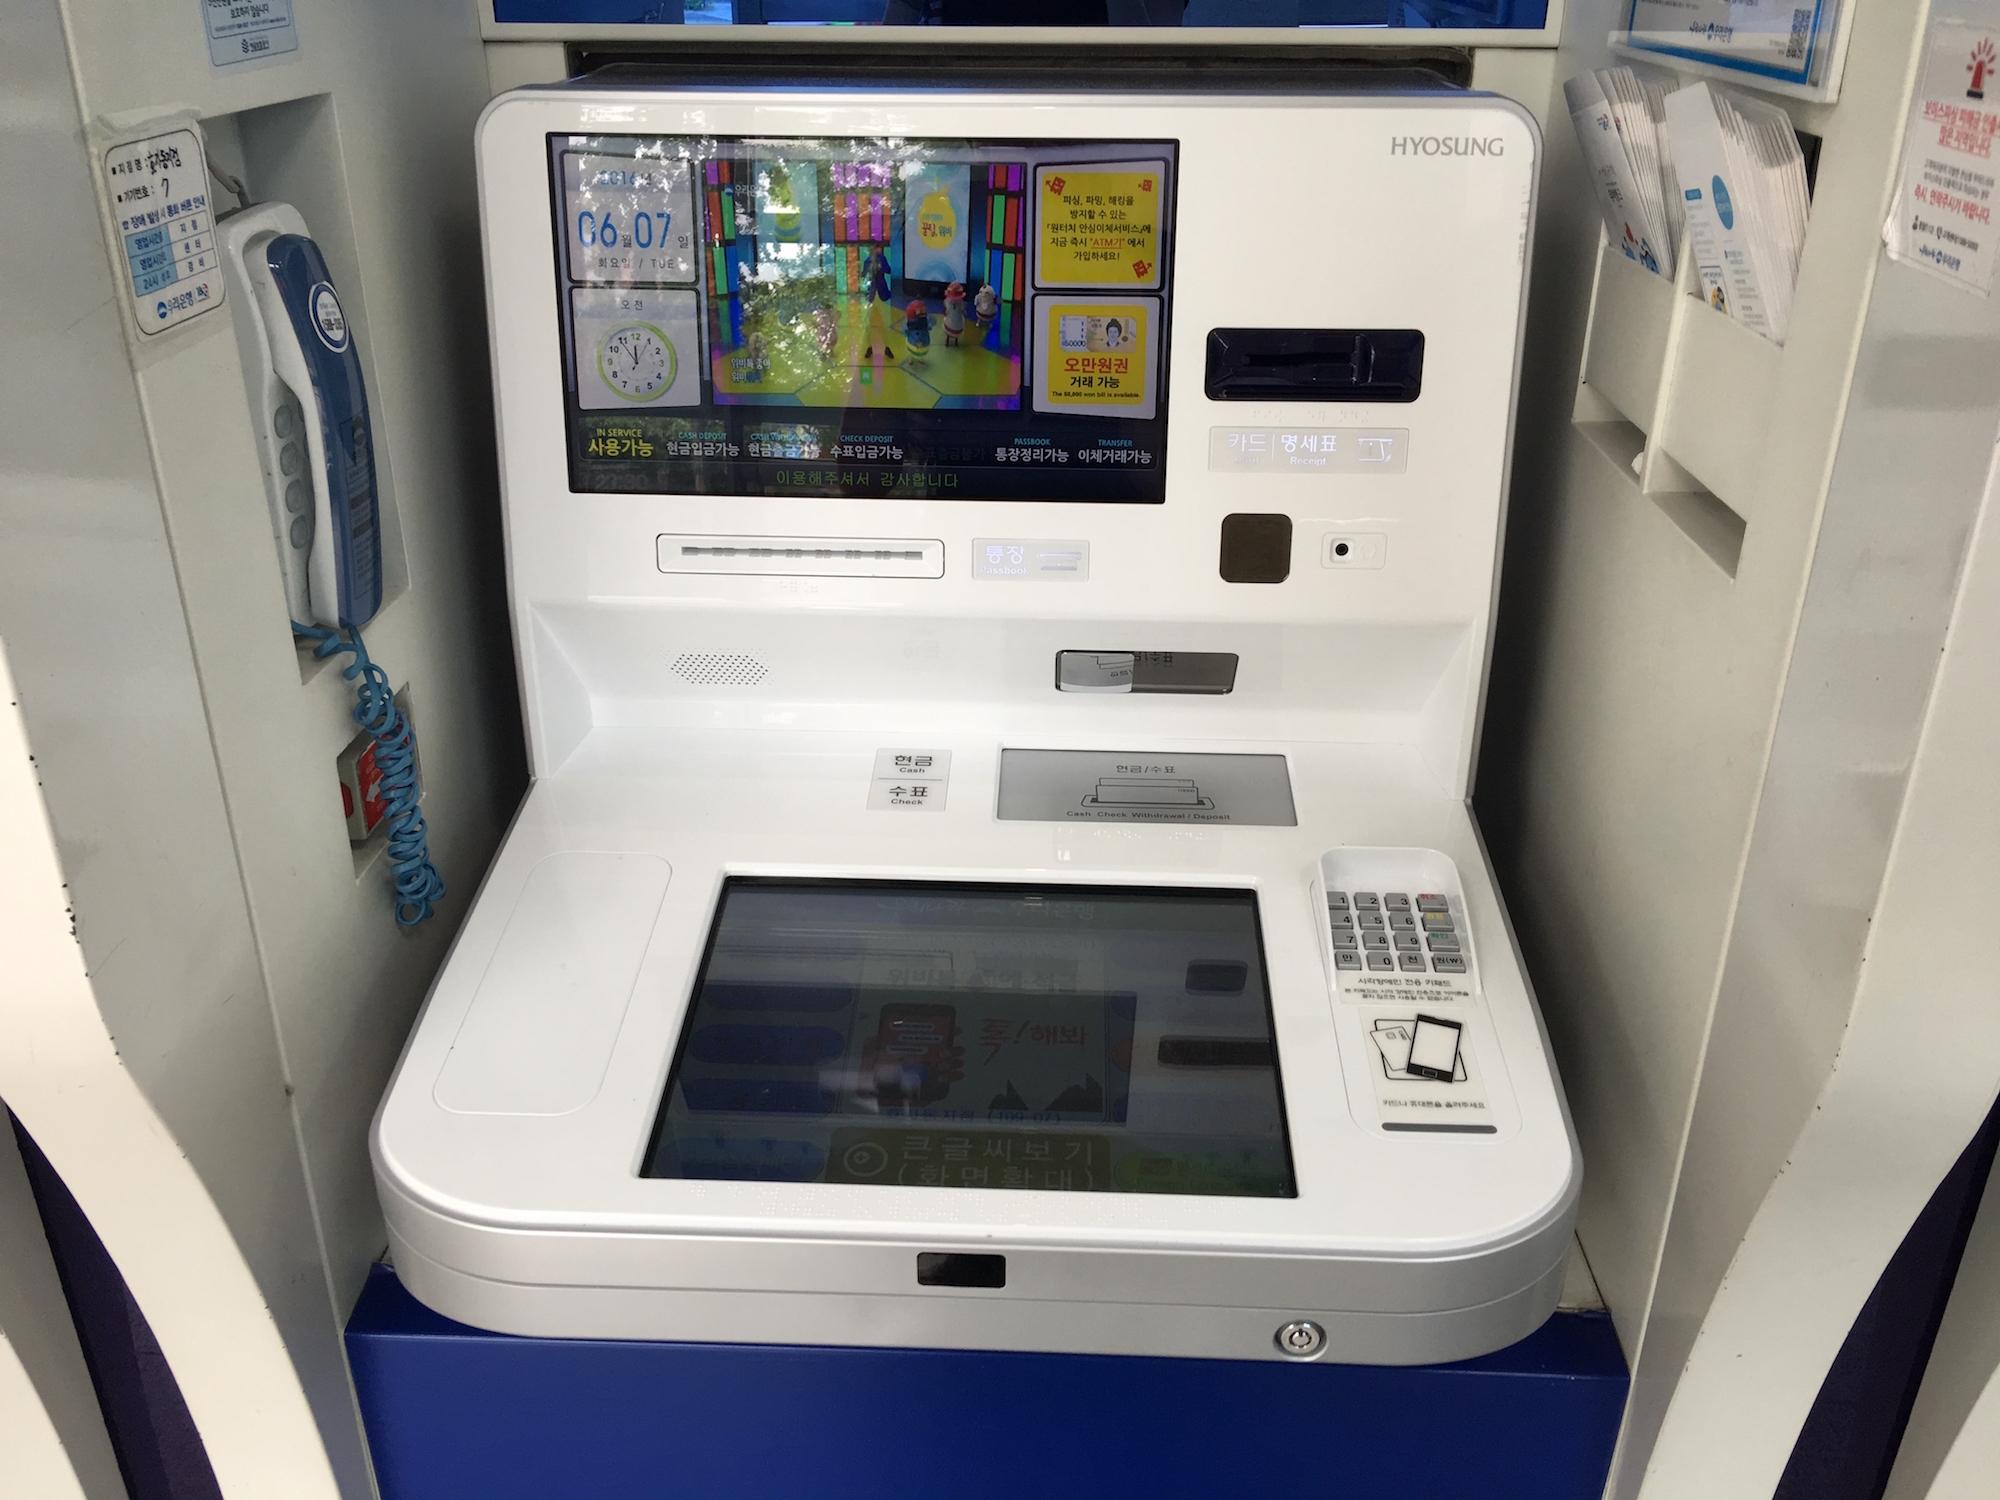 Coreeseoul00124